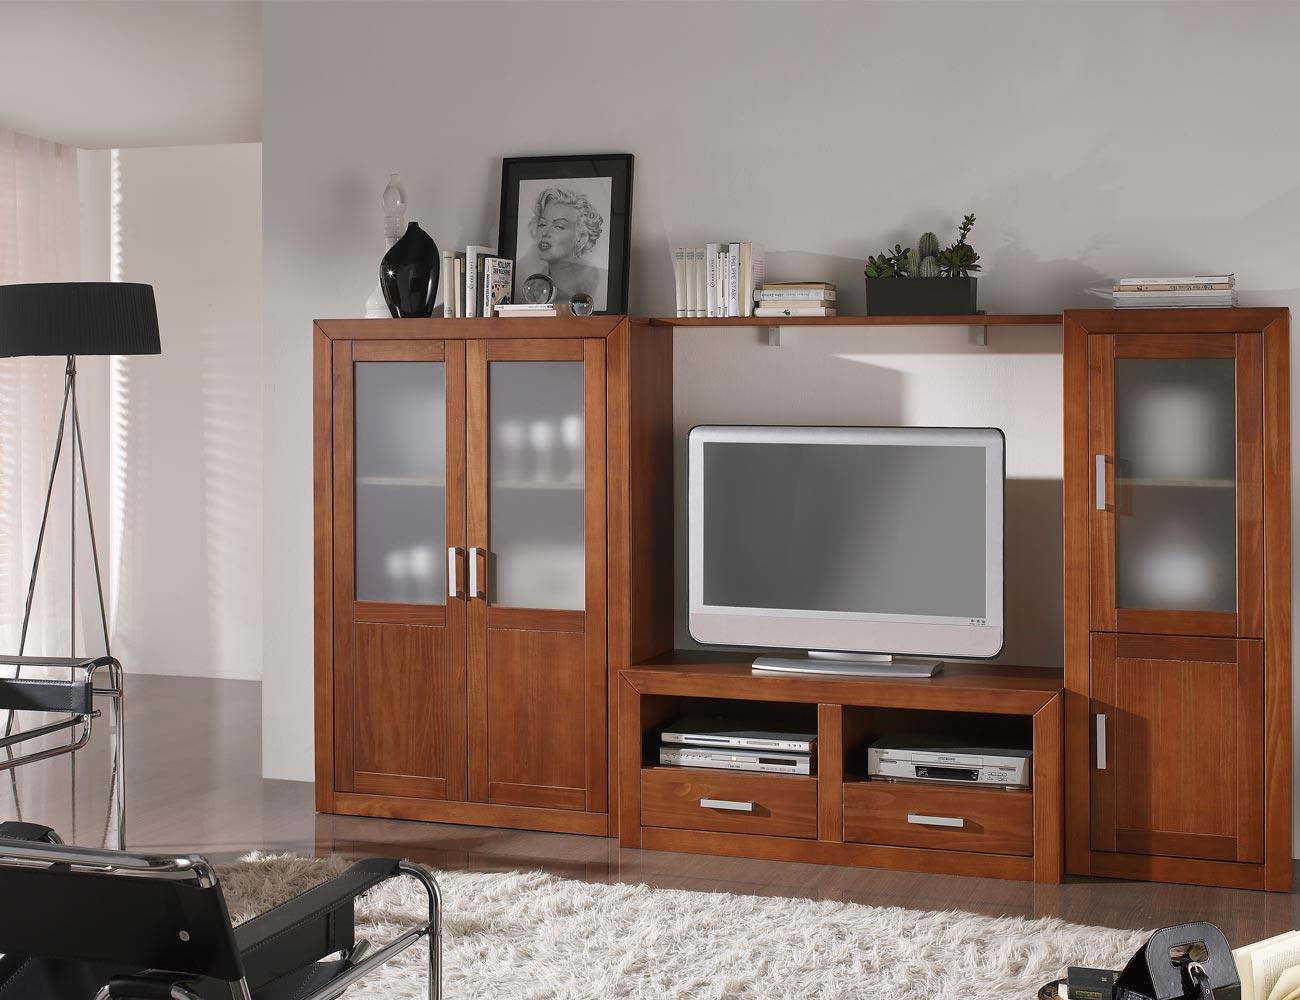 Ambiente8 mueble salon comedor bodeguero tv  mesa nogal